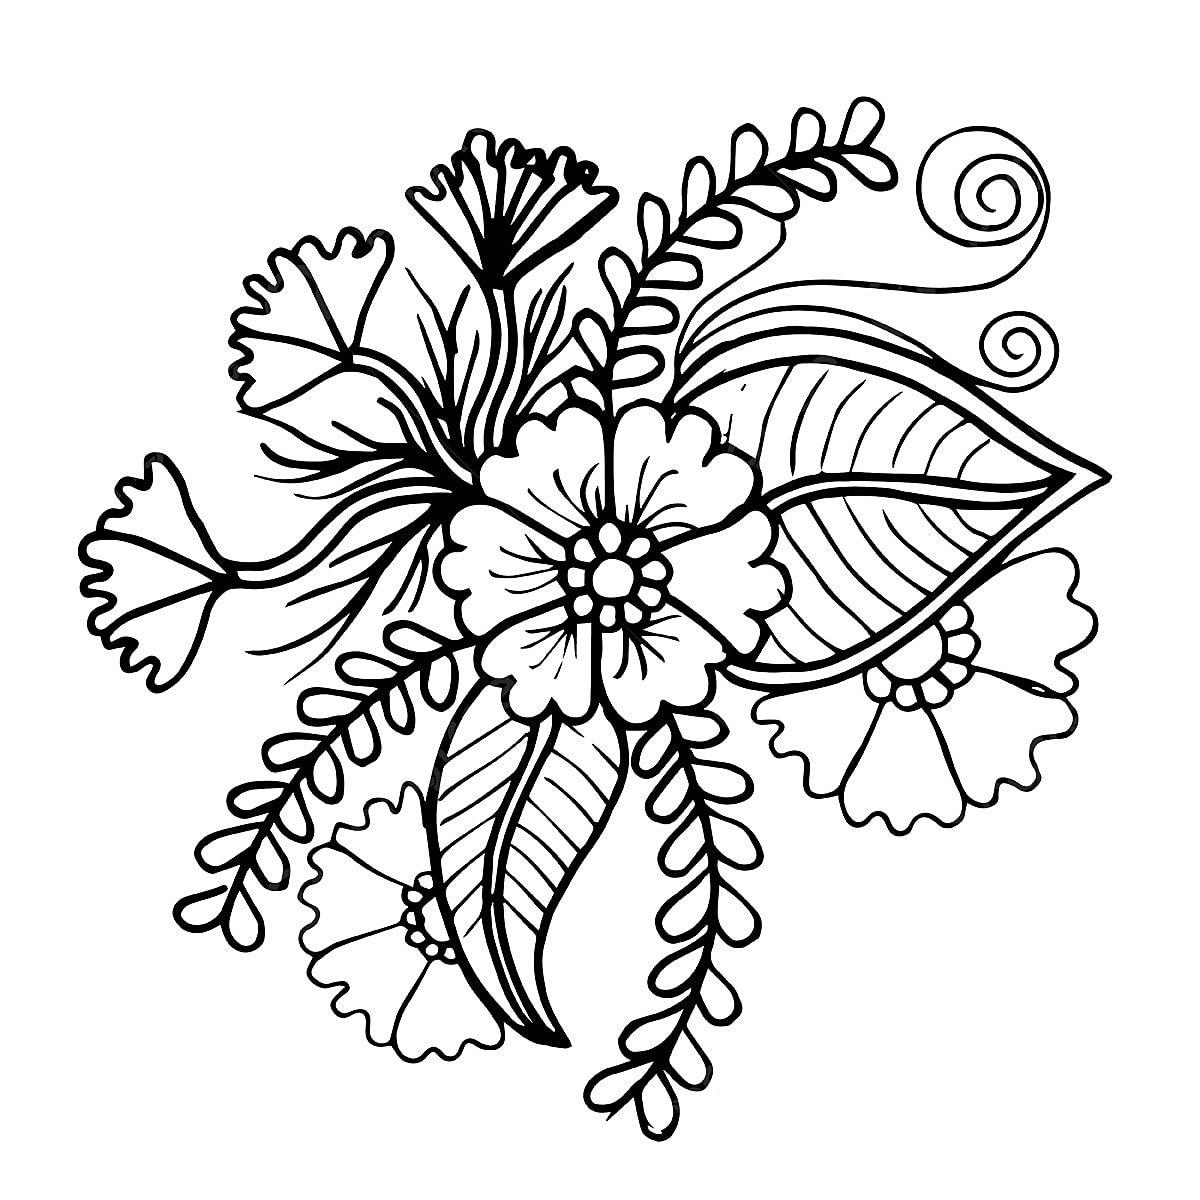 Gambar Bunga Hitam Putih Png Vektor Psd Dan Clipart Dengan Latar Belakang Transparan Untuk Download Gratis Pngtree